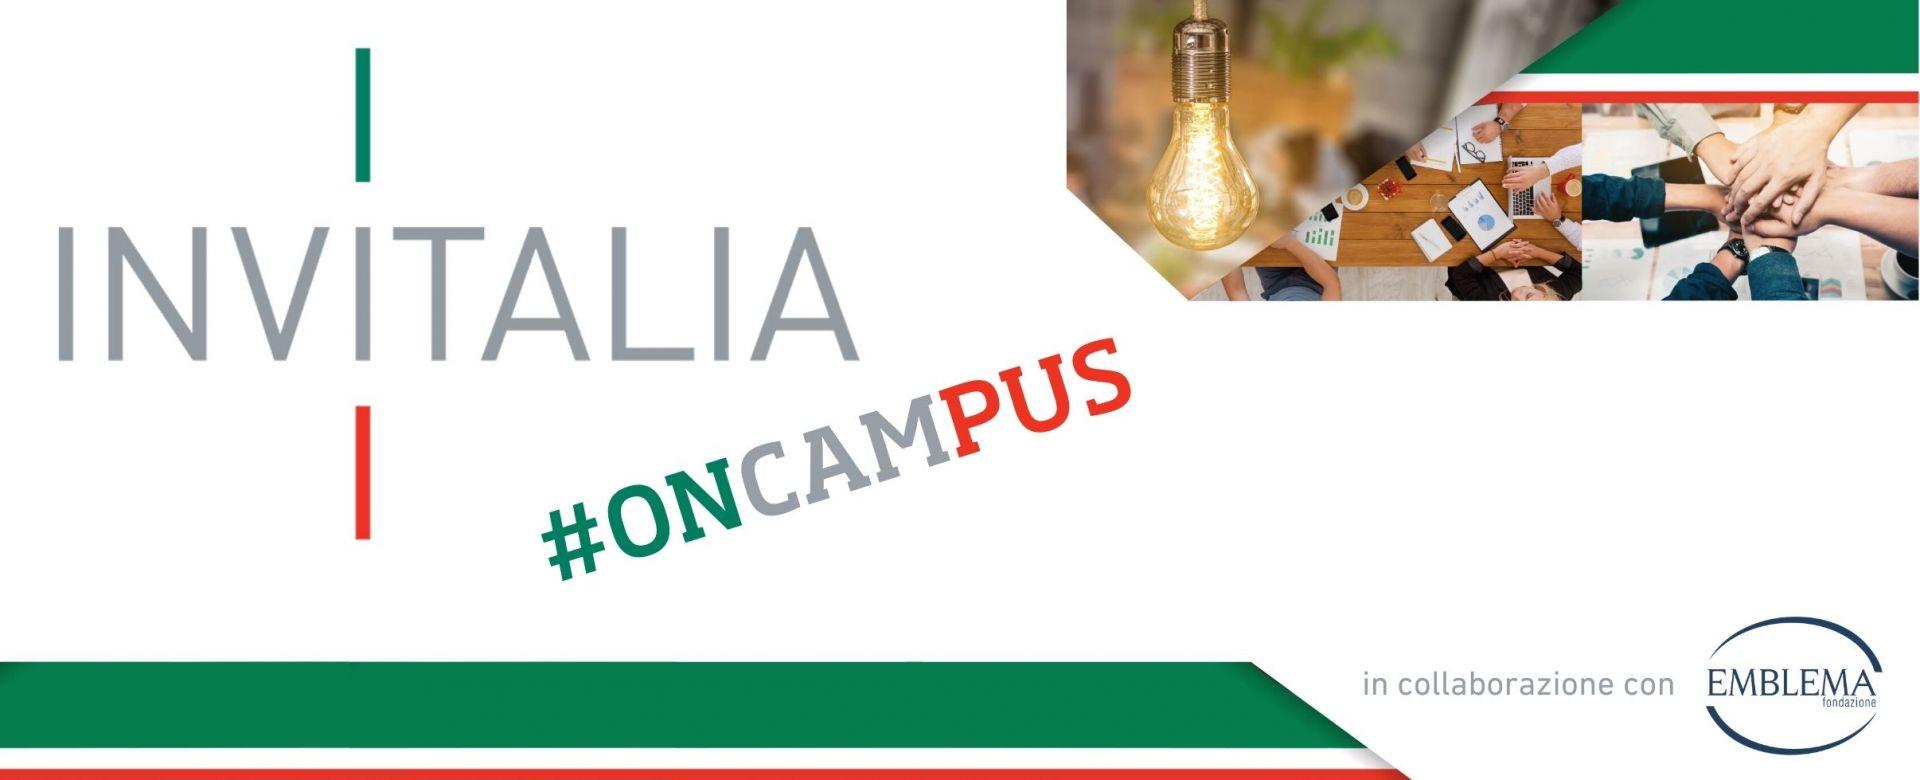 27.07.2020 - Invitalia #oncampus